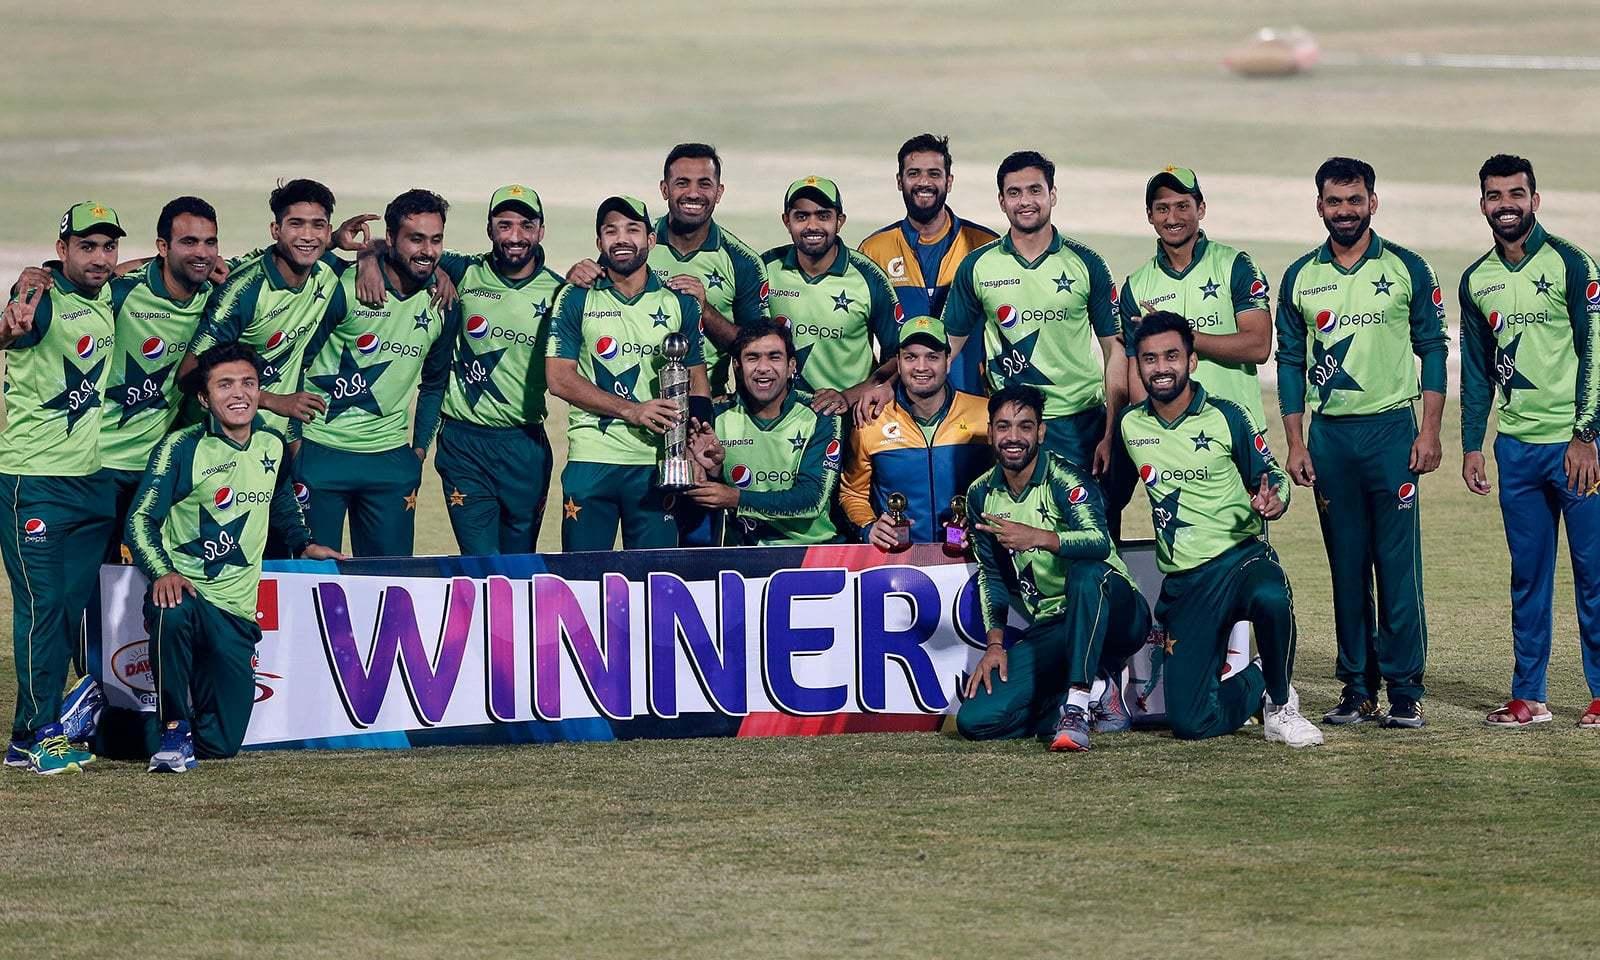 پاکستان نے زمبابوے کو تین میچوں کی سیریز میں 0-3 سے شکست دی —فوٹو:اے پی